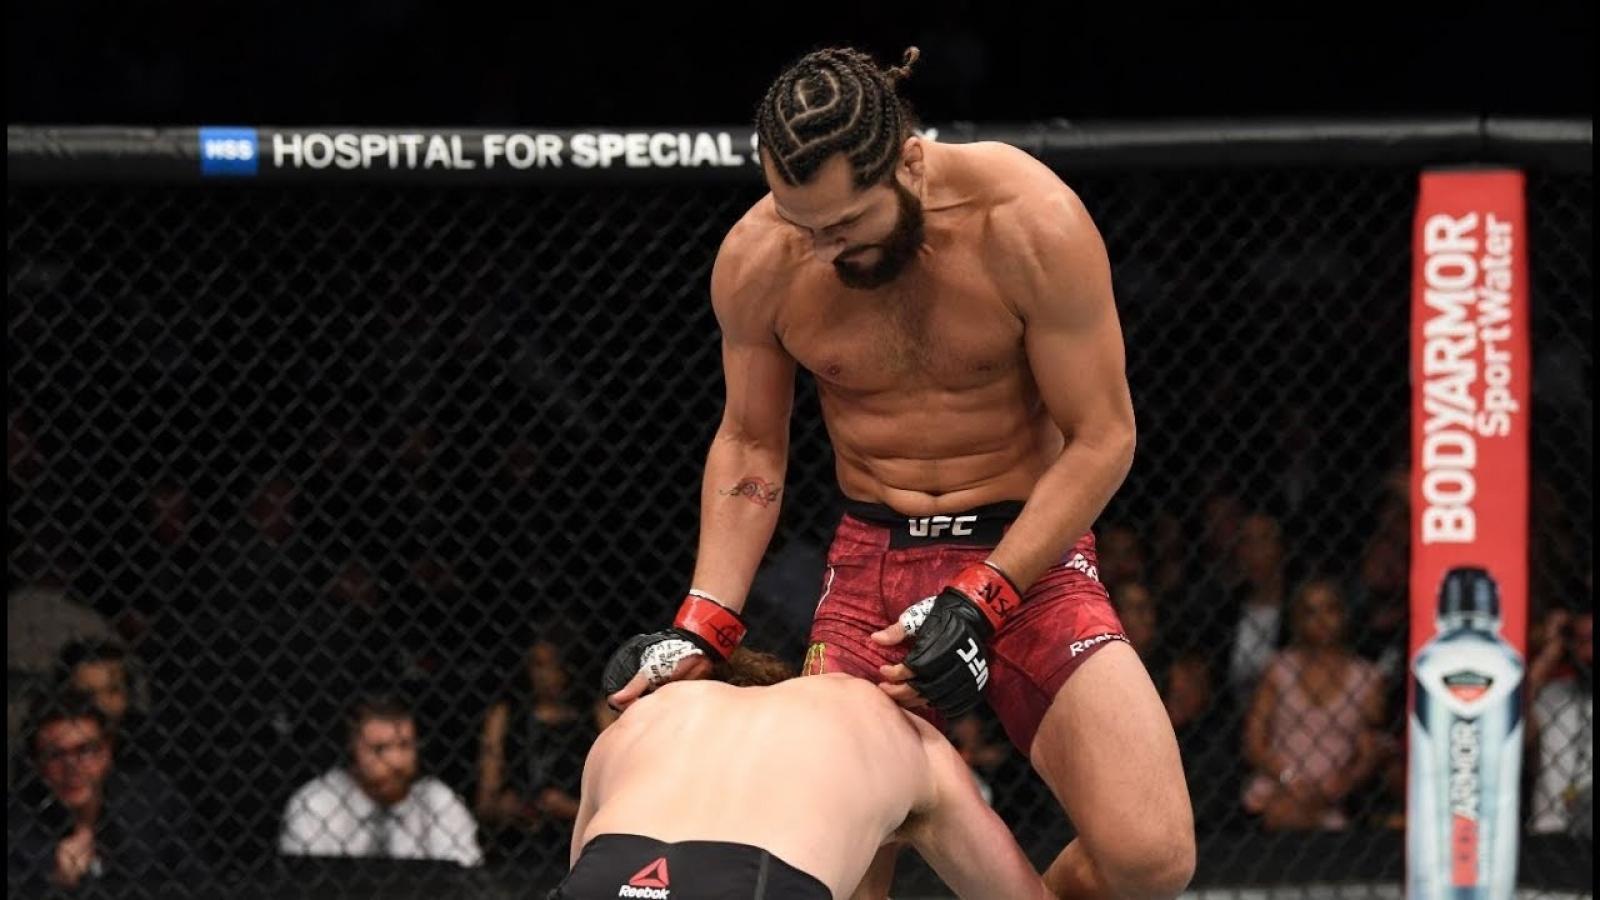 VIDEO: Những đòn knock-out như trong game trên sàn đấu võ tự do